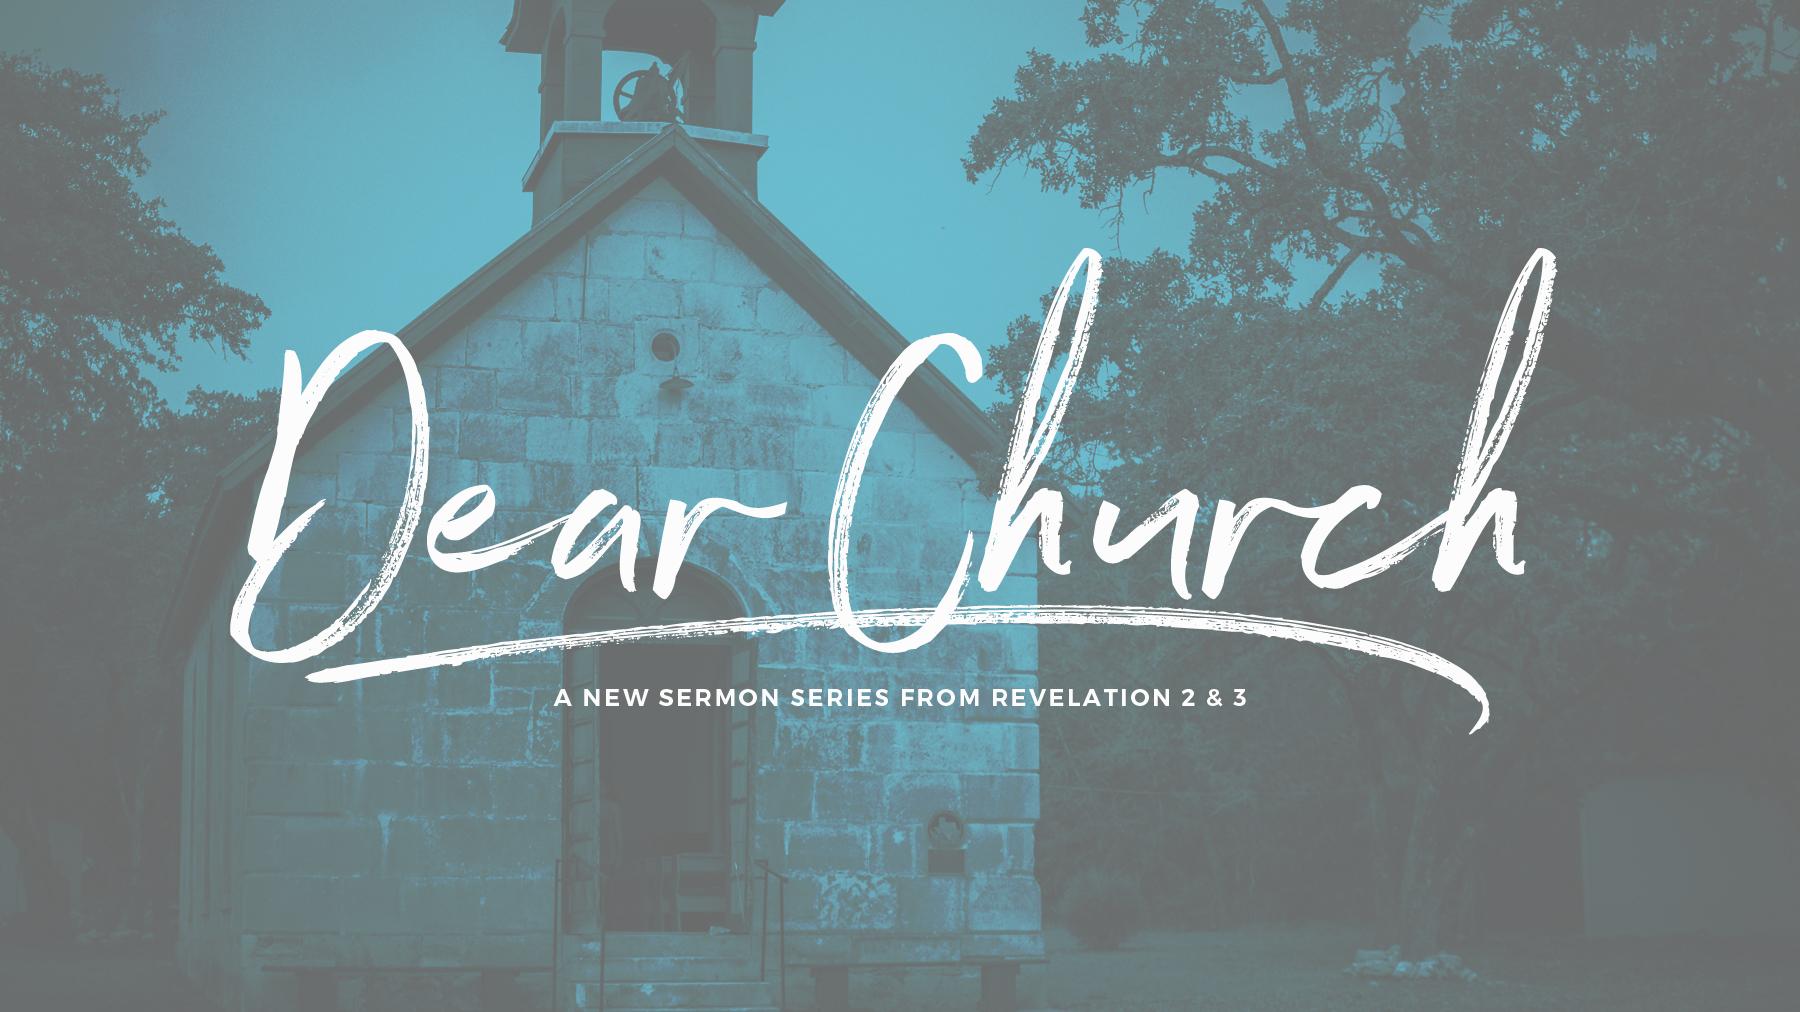 Dear Church – Church Sermon Series Ideas